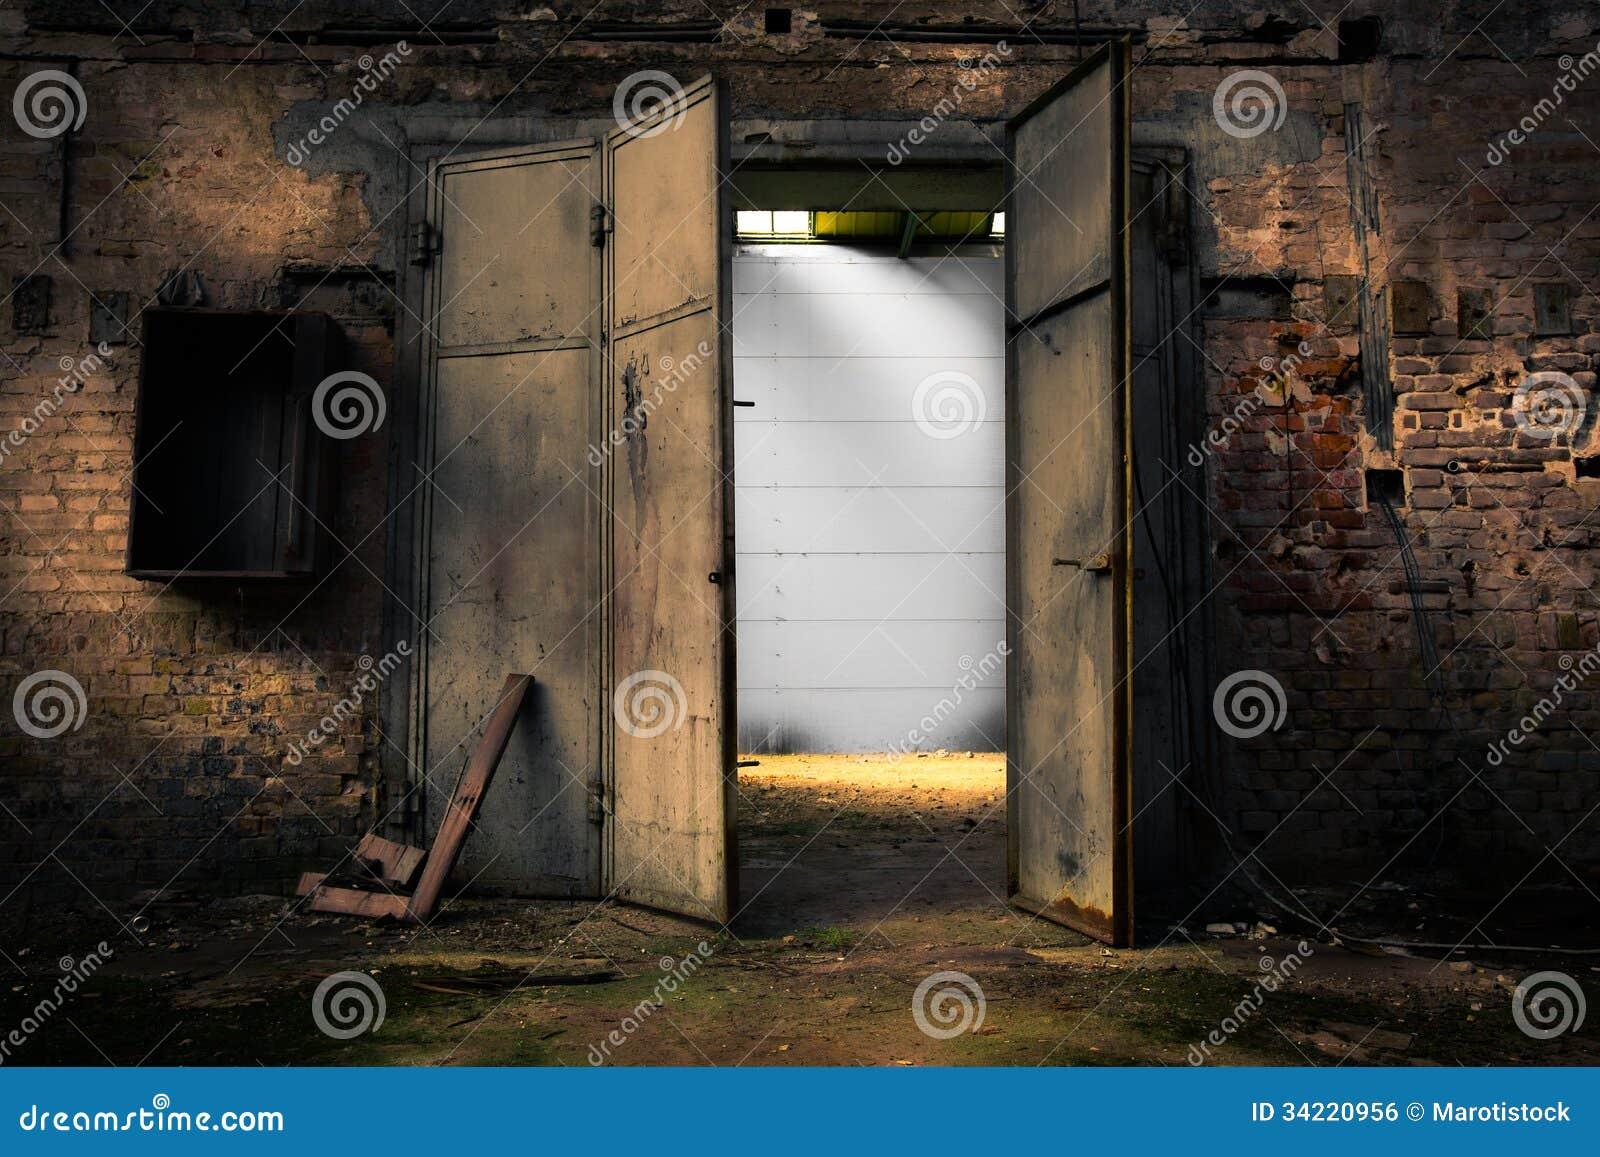 Rusty Metal Door rusty metal door in an abandoned warehouse royalty free stock